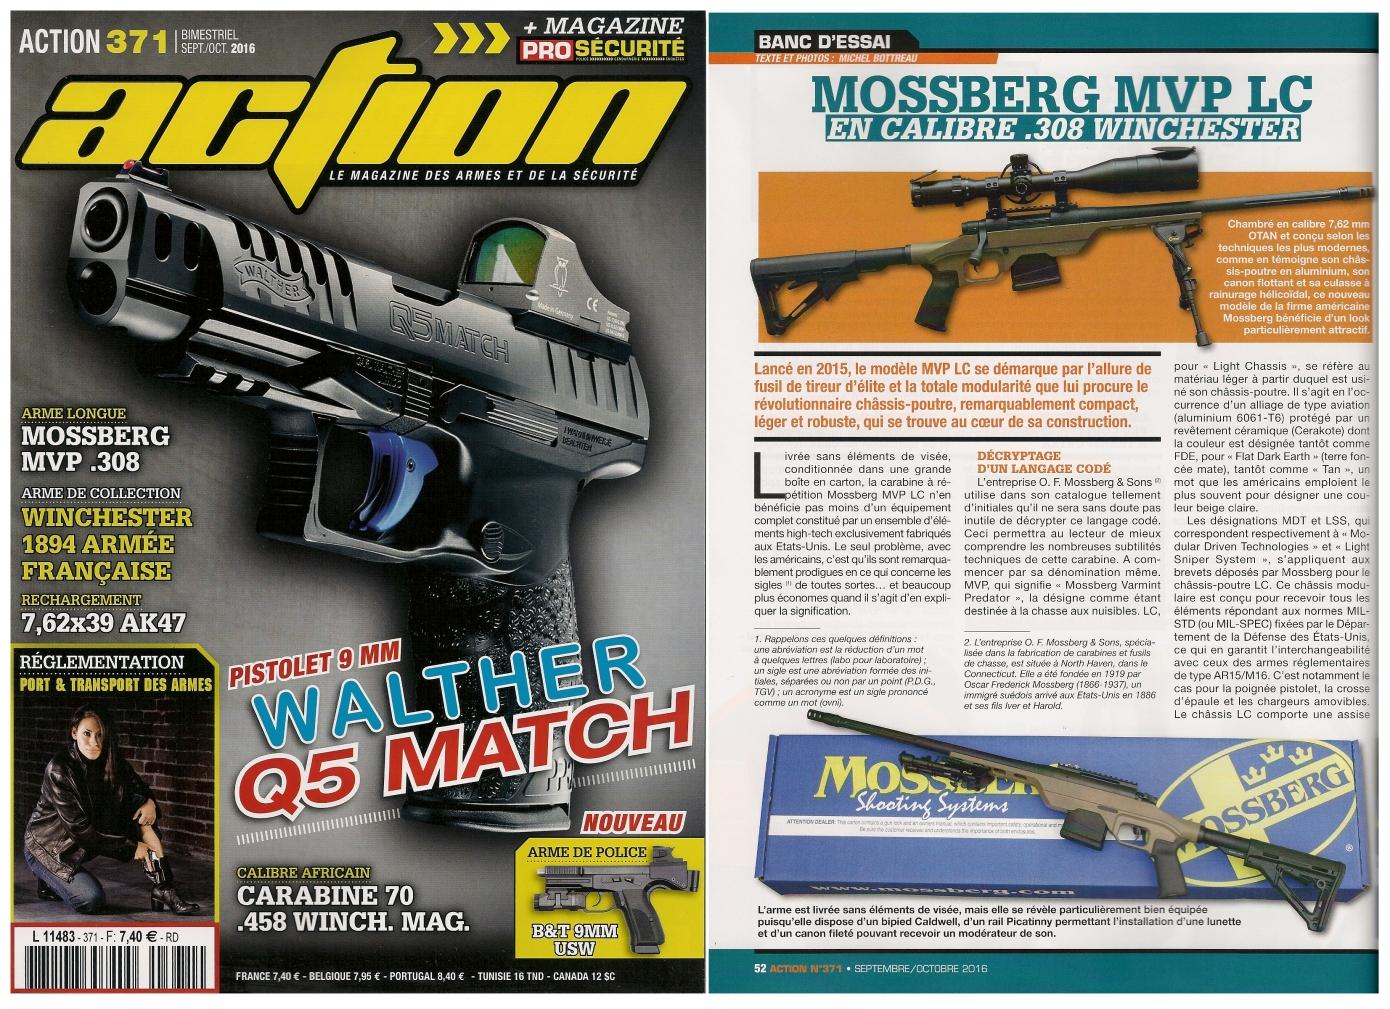 Le banc d'essai de la carabine Mossberg MVP LC a été publié sur 6 pages dans le magazine Action n°371 (septembre-octobre 2016).